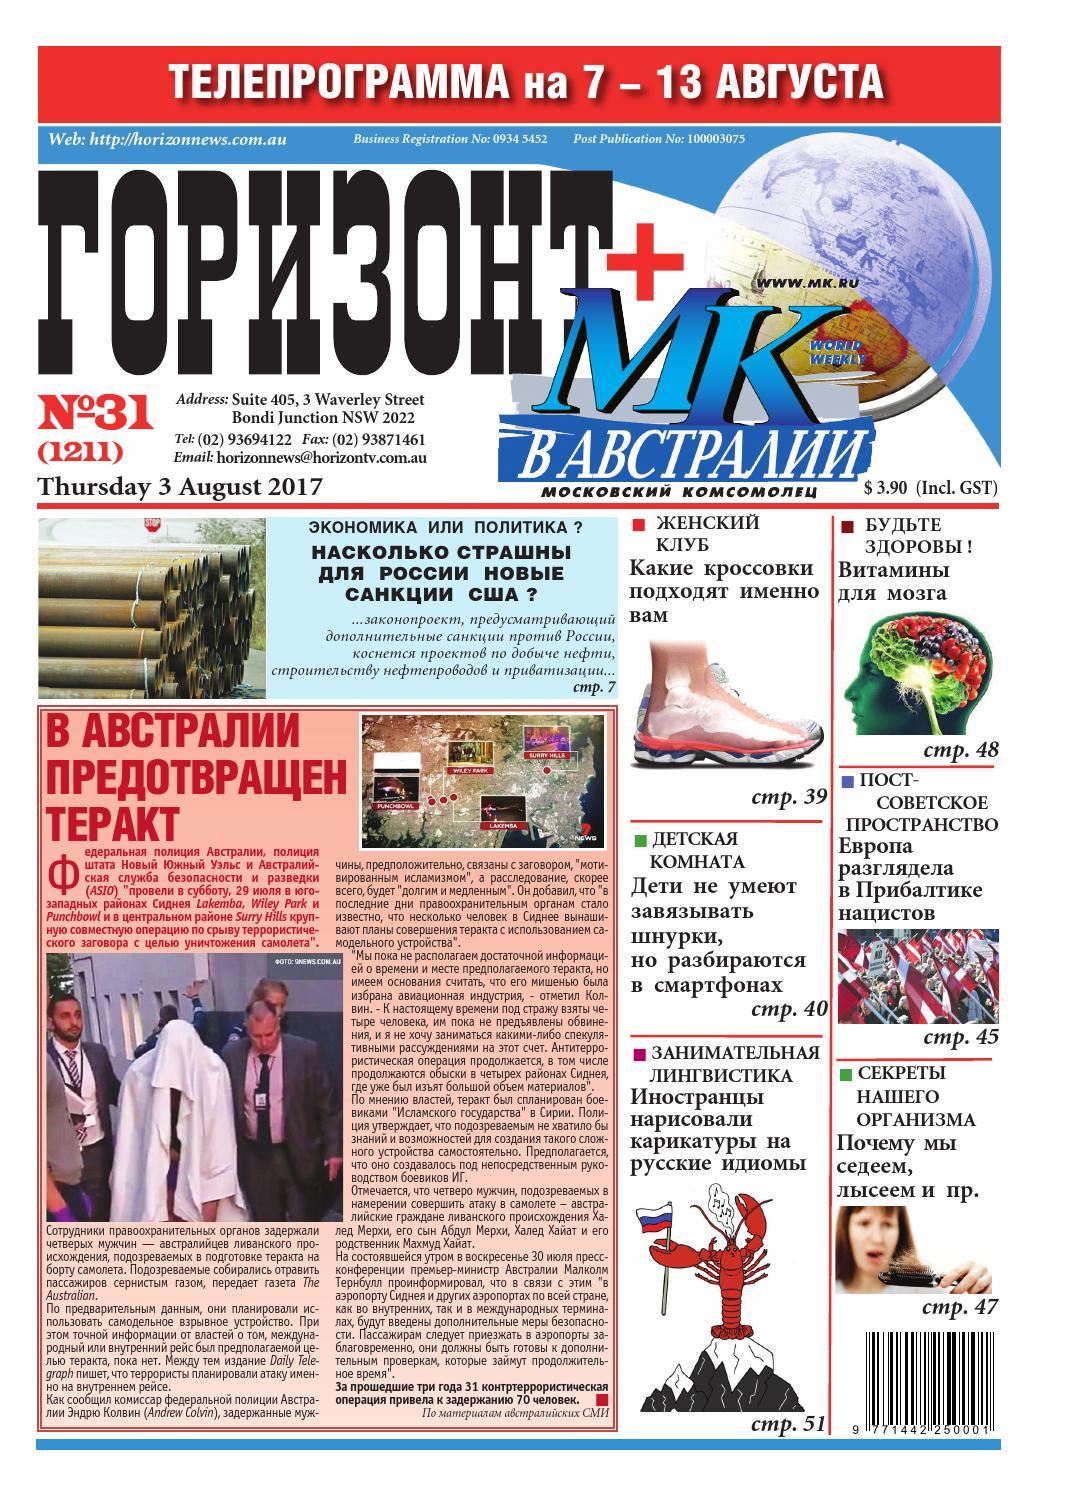 Спайсы купить на украине севастополь Бошки Сайт Йошкар-Ола